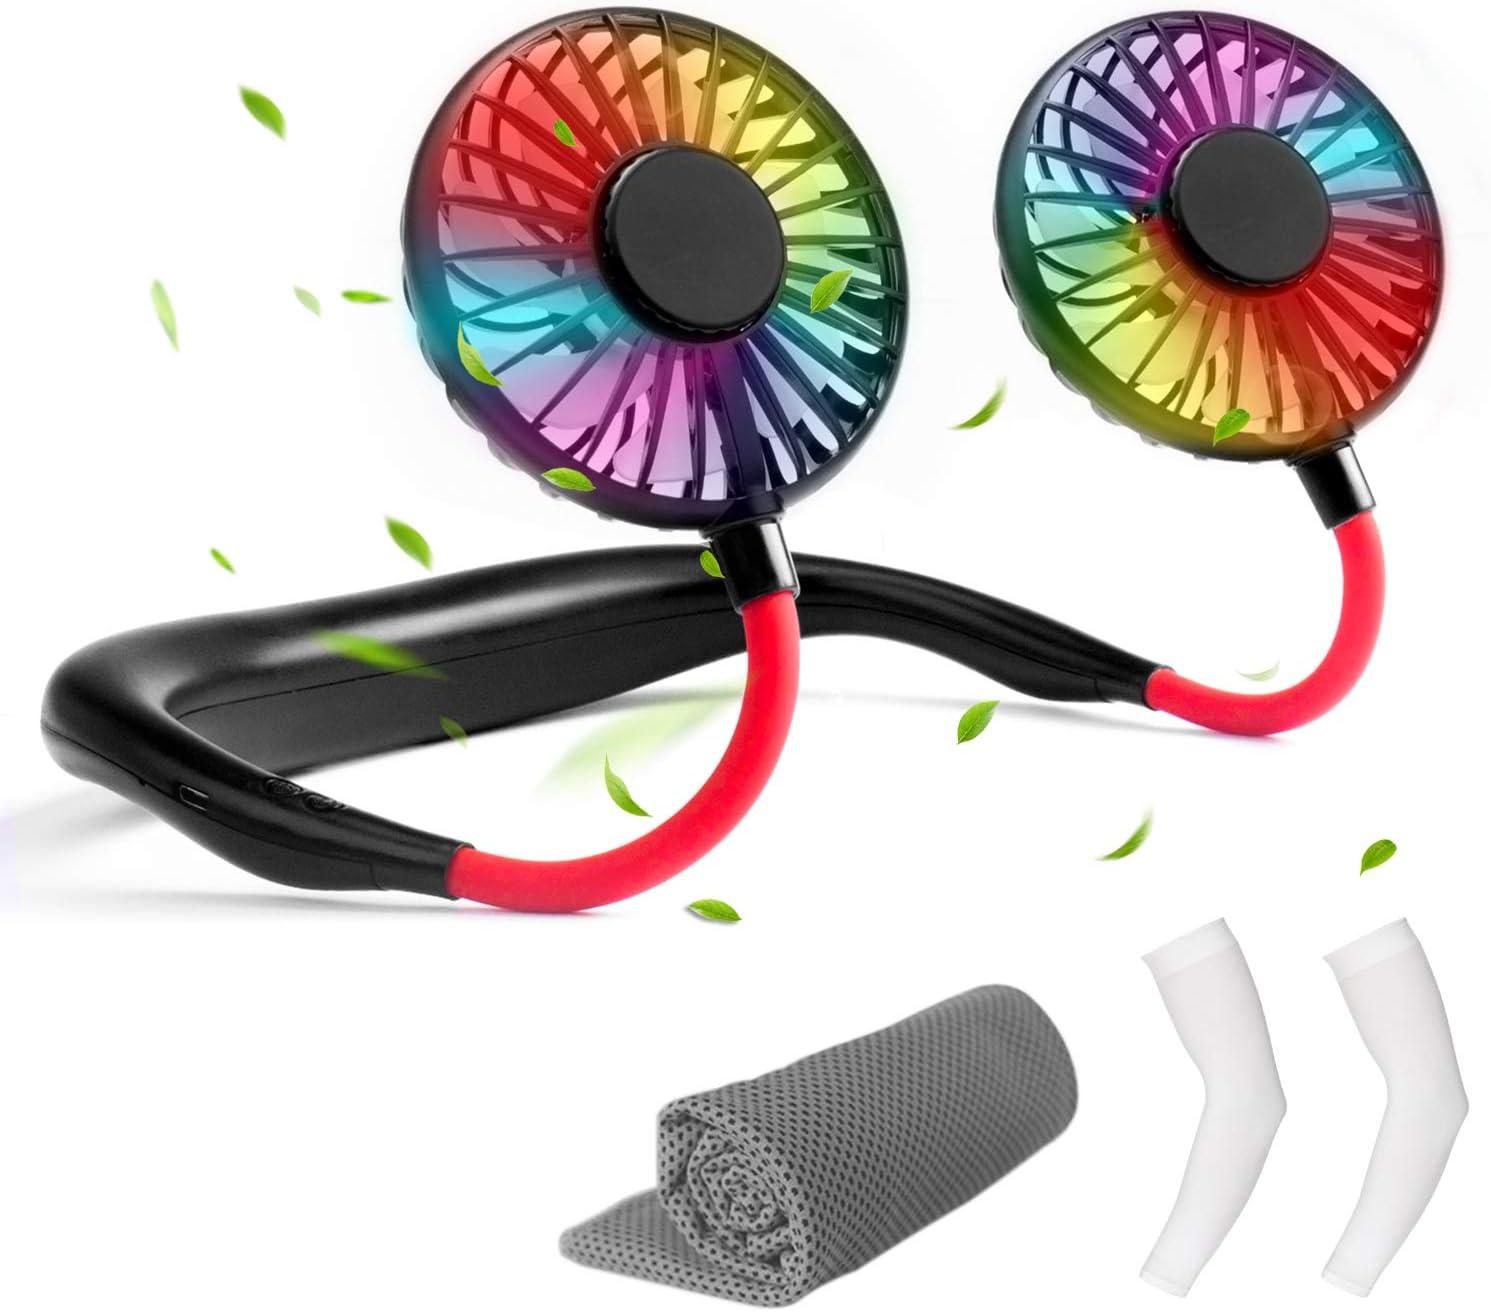 Gvoo Ventilador Portátil, Ventilador USB Recargable 3 velocidades,Rotación Libre de 360° LED Luz,Incluye Mangas de Brazo y Toalla de Microfibra